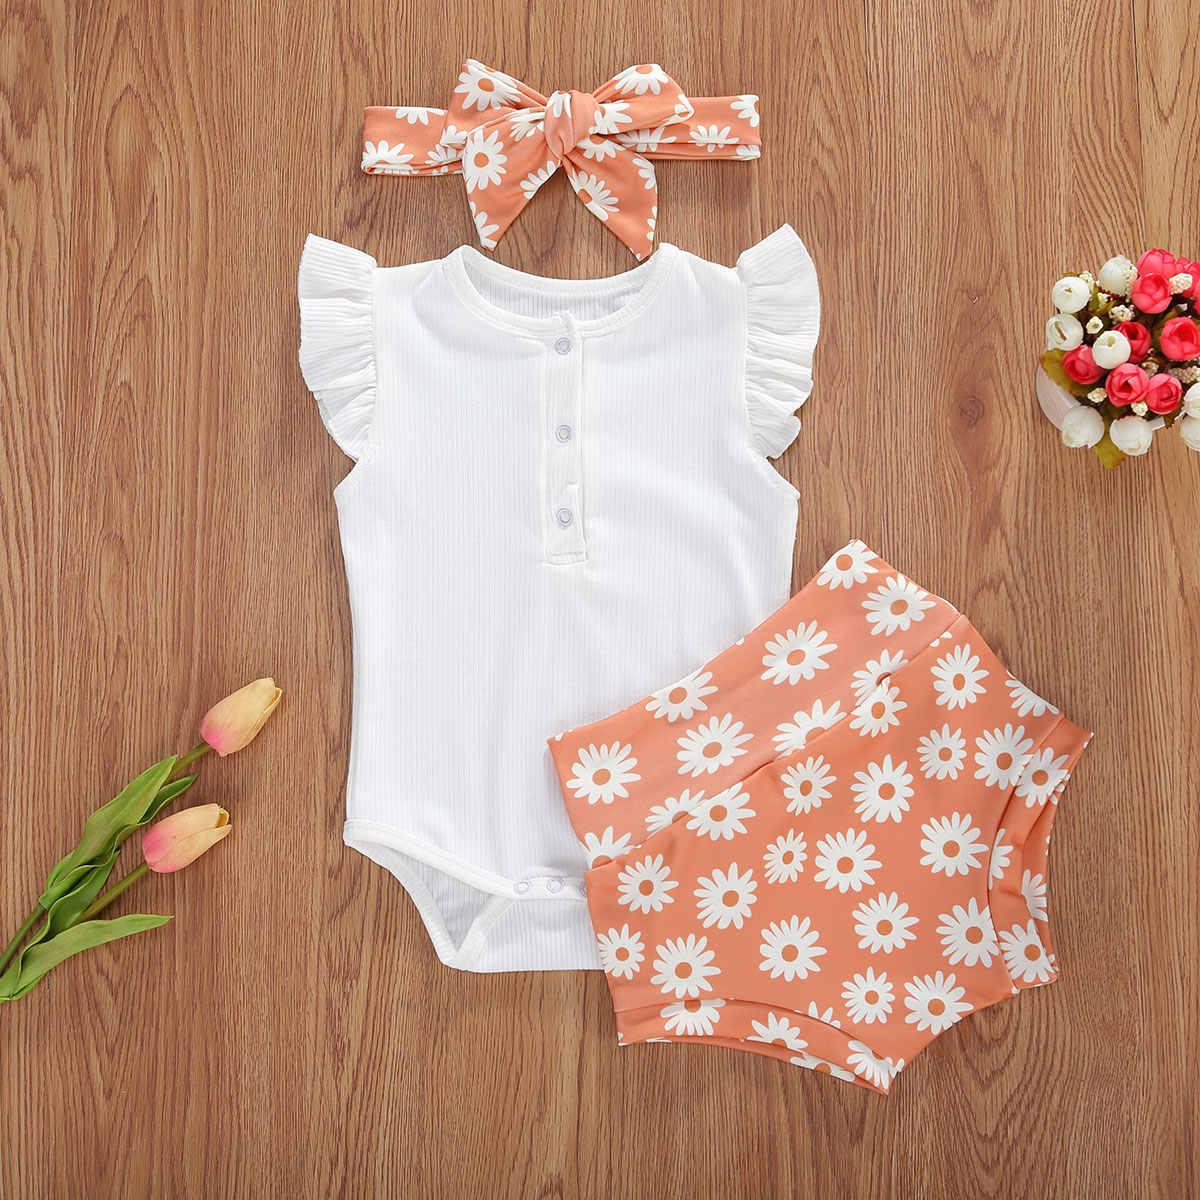 2020 bebek yaz giyim bebek bebek kız çiçek elbise seti Ruffles kısa kollu Romper Tops + gökkuşağı papatya şort + kafa bandı